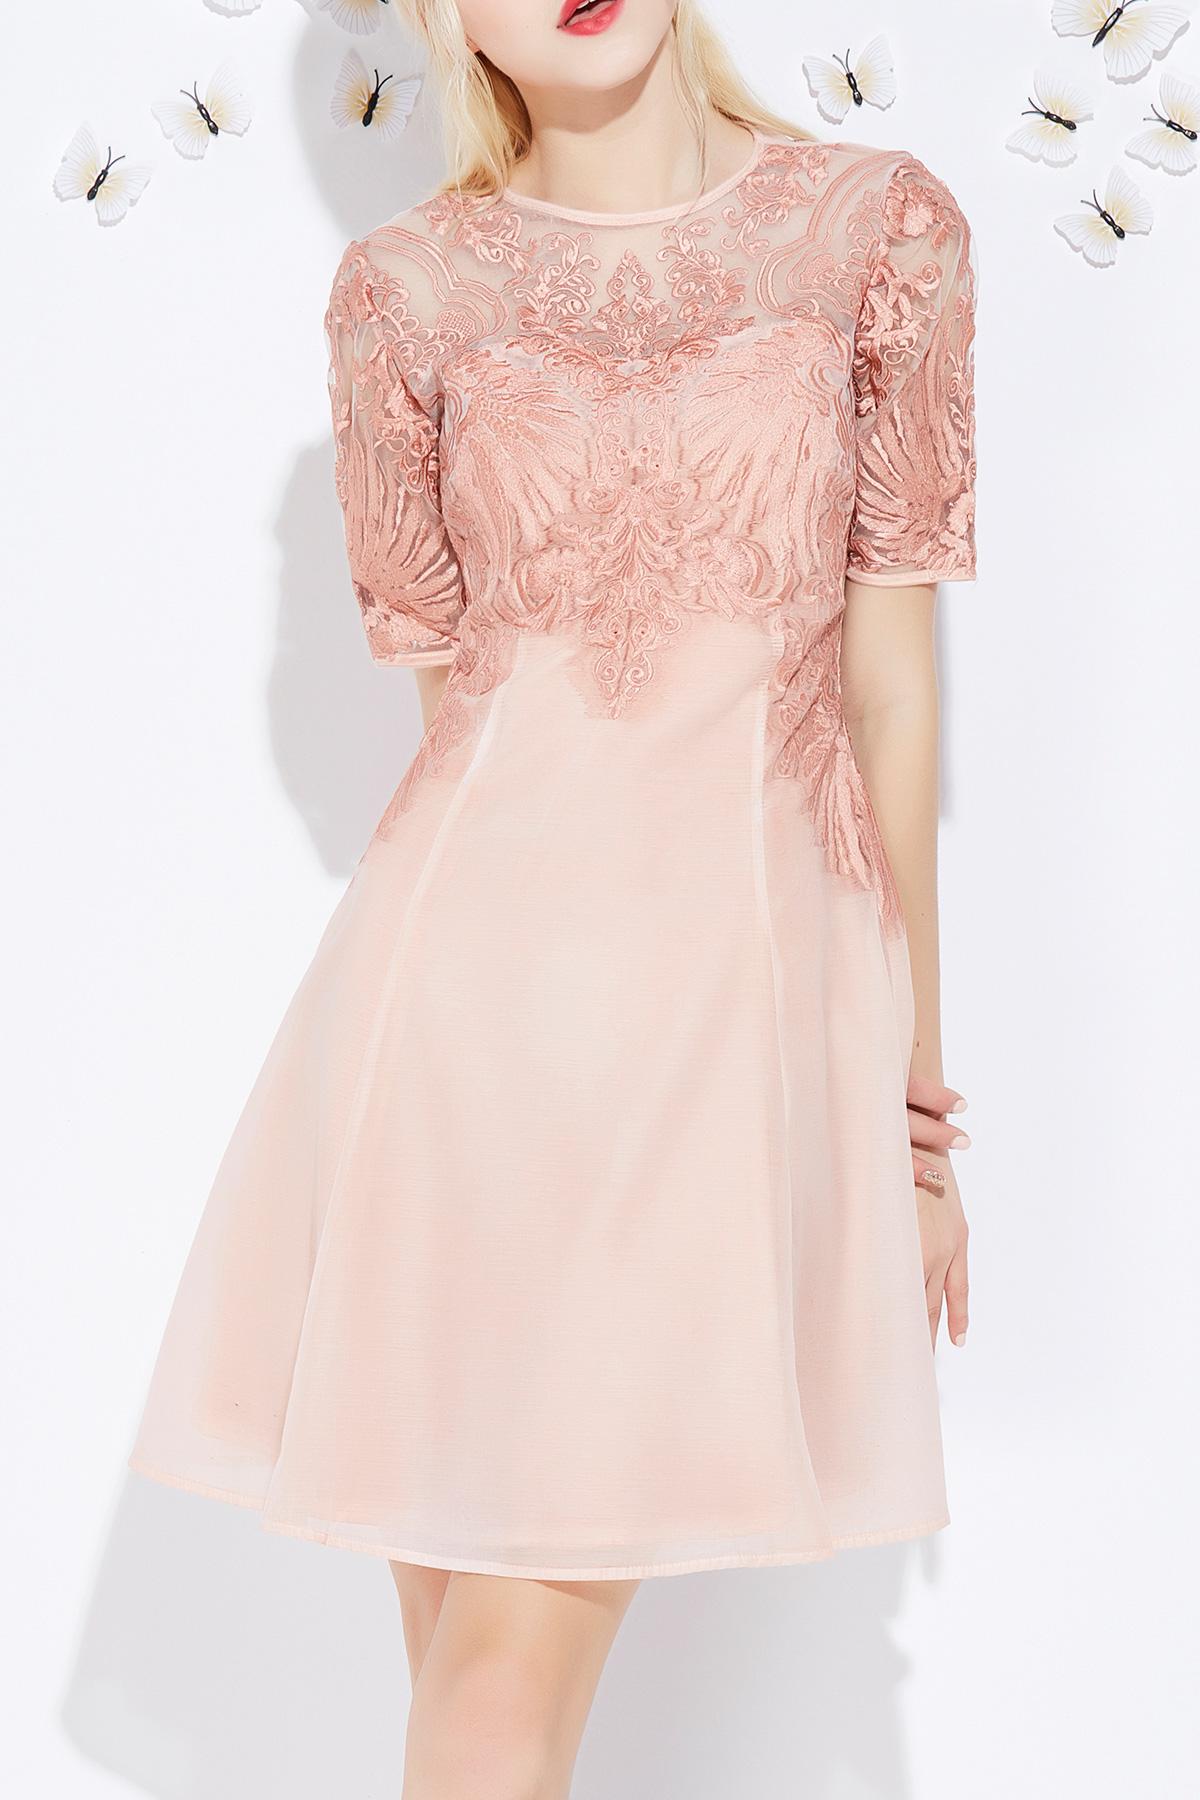 Embroidery Zipper Dress